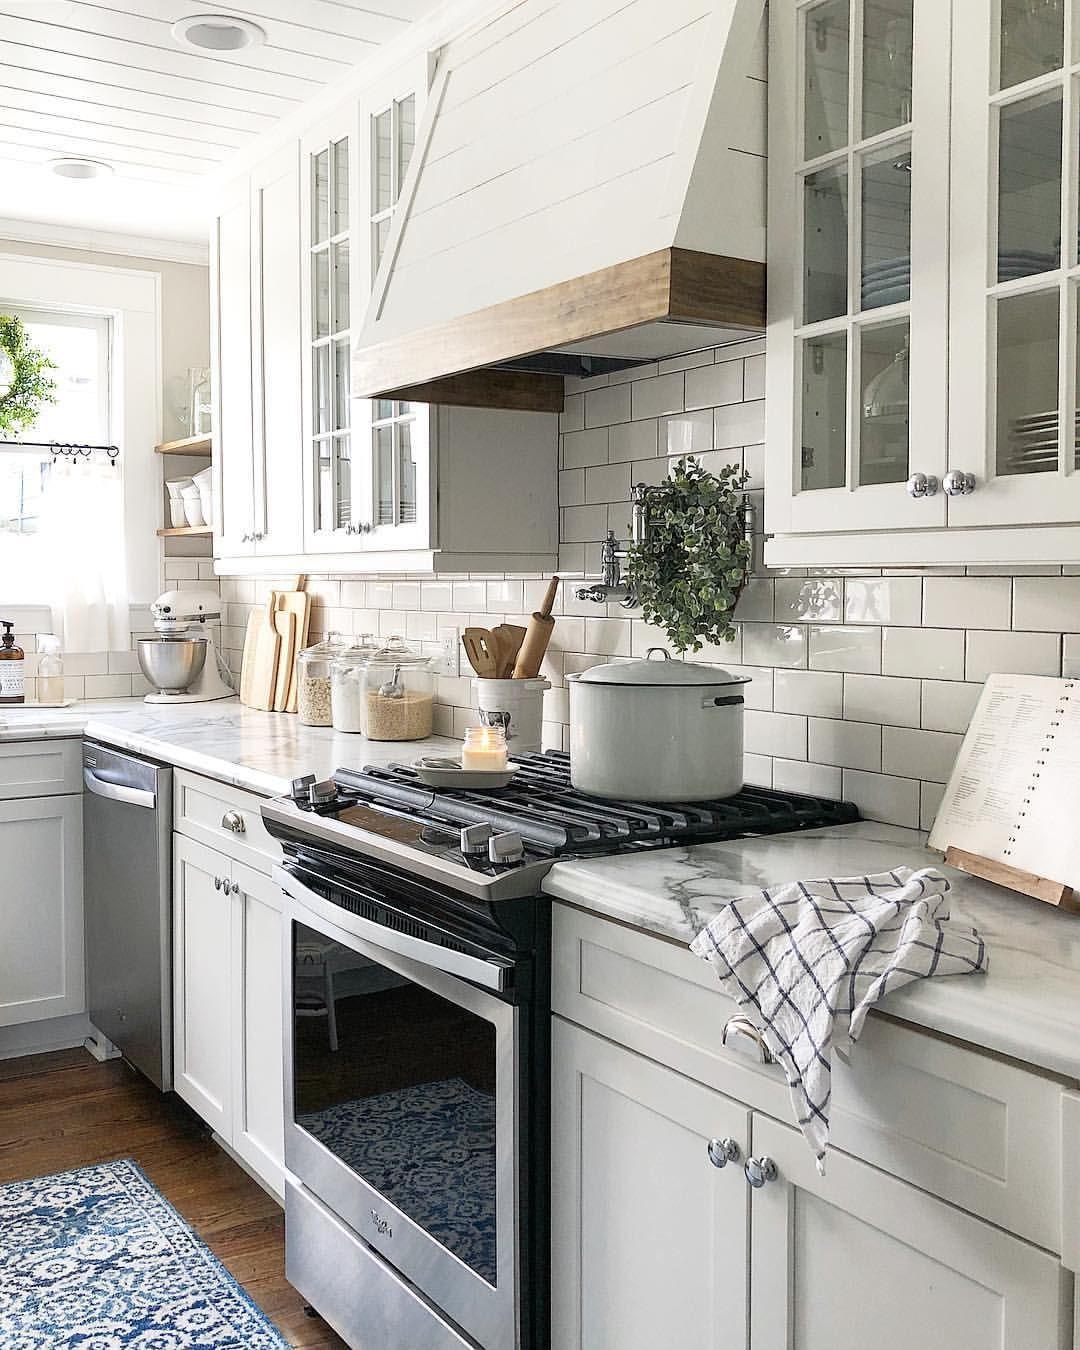 5 Must Install Kitchen Decorative Accessories Tuscan Kitchen